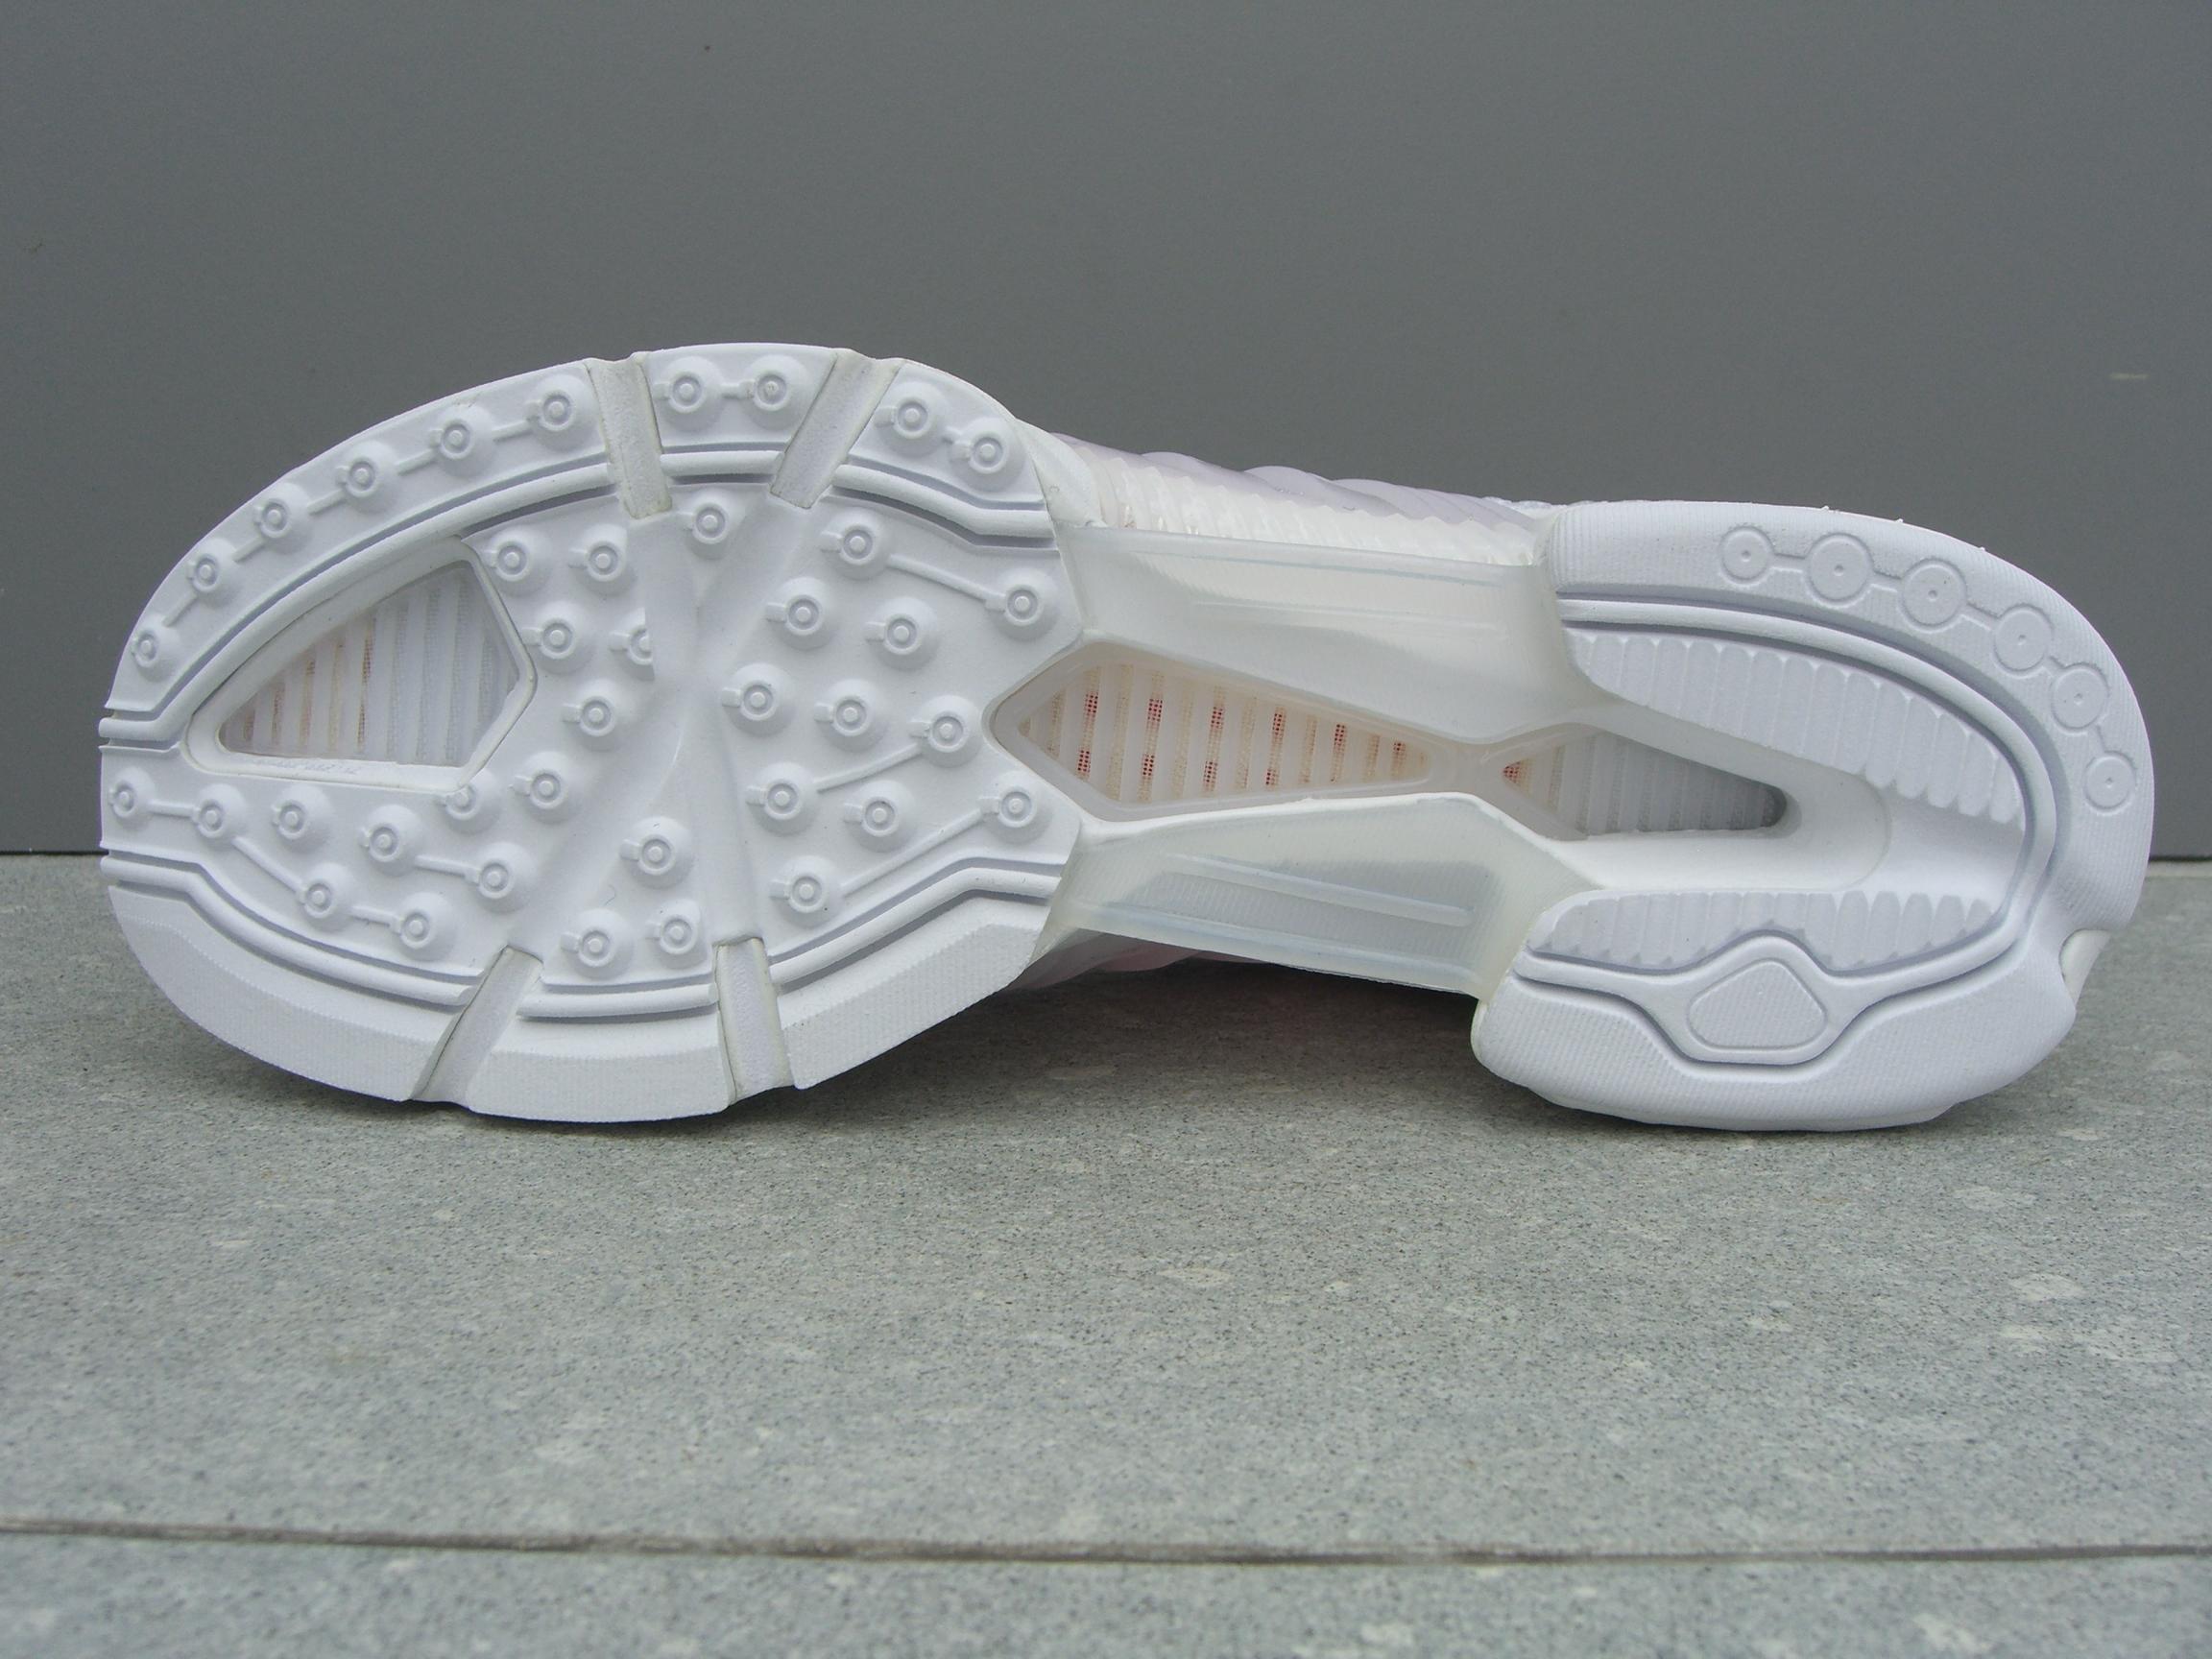 Details zu Adidas Schuhe Clima Cool 1 Climacool Herren Weiß Sportschuhe Sneaker